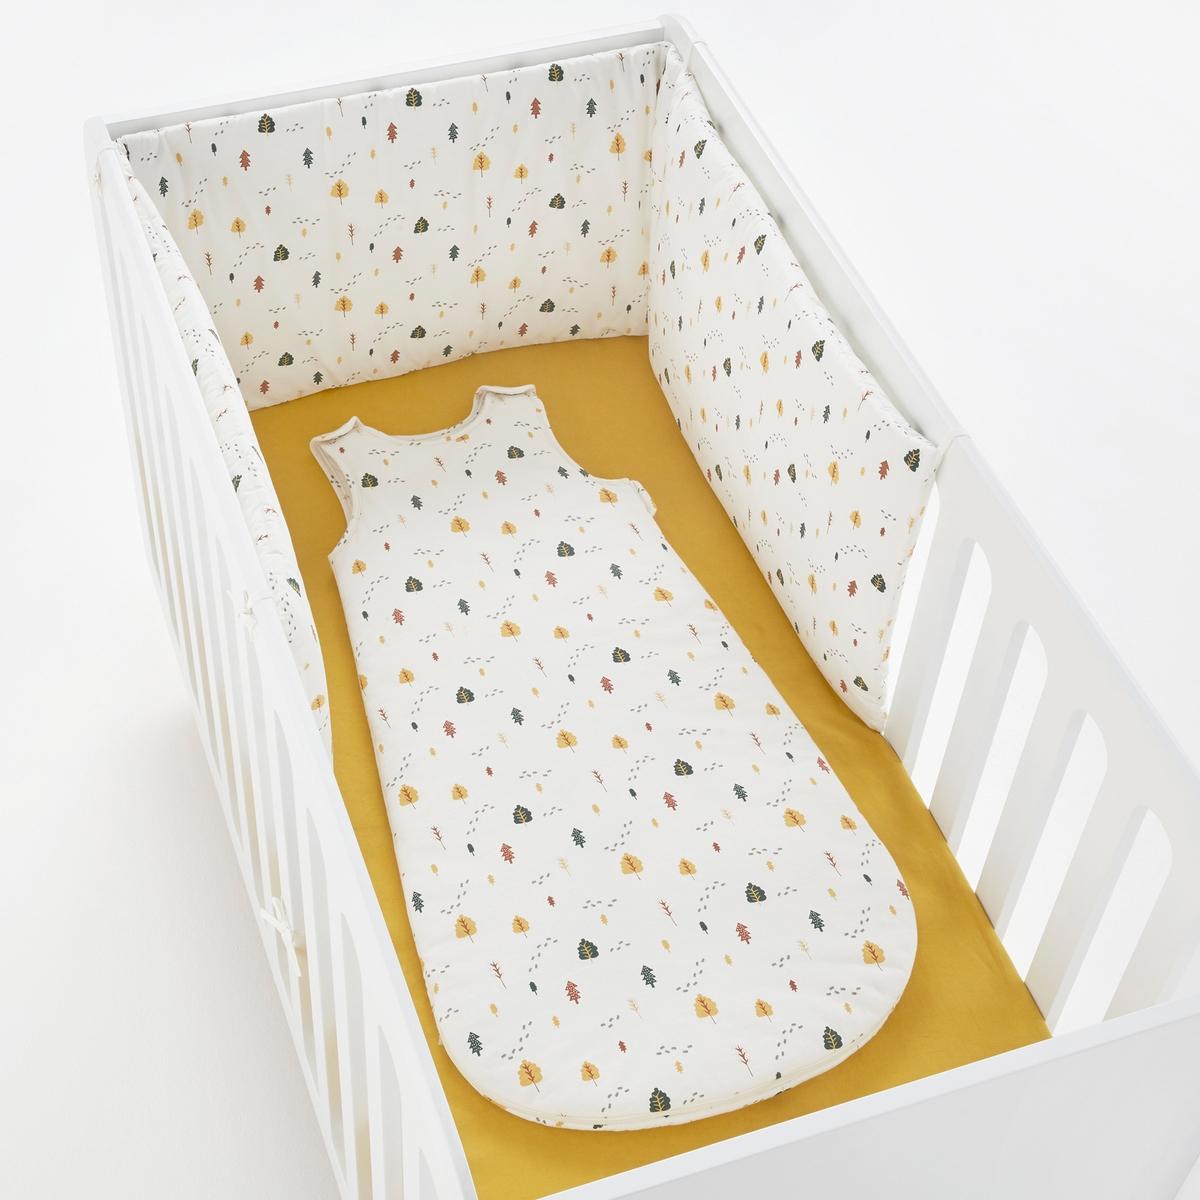 Хлопковые защитные бортики для кроватки единого размераХлопковые защитные бортики для кроватки с рисунком лес. 3 панели на завязках. Эти защитные бортики подходят для кроваток с решеткой 60 x 120 см и 70 x 140 см.Состав и описание :    Материал: 100% хлопок Размеры    40 x 180 см  Уход : Машинная стирка при 30 °C на умеренном режиме с вещами схожих цветов. Стирать, сушить и гладить с изнаночной стороны. Машинная сушка запрещена. Гладить при низкой температуре.<br><br>Цвет: рисунок/экрю